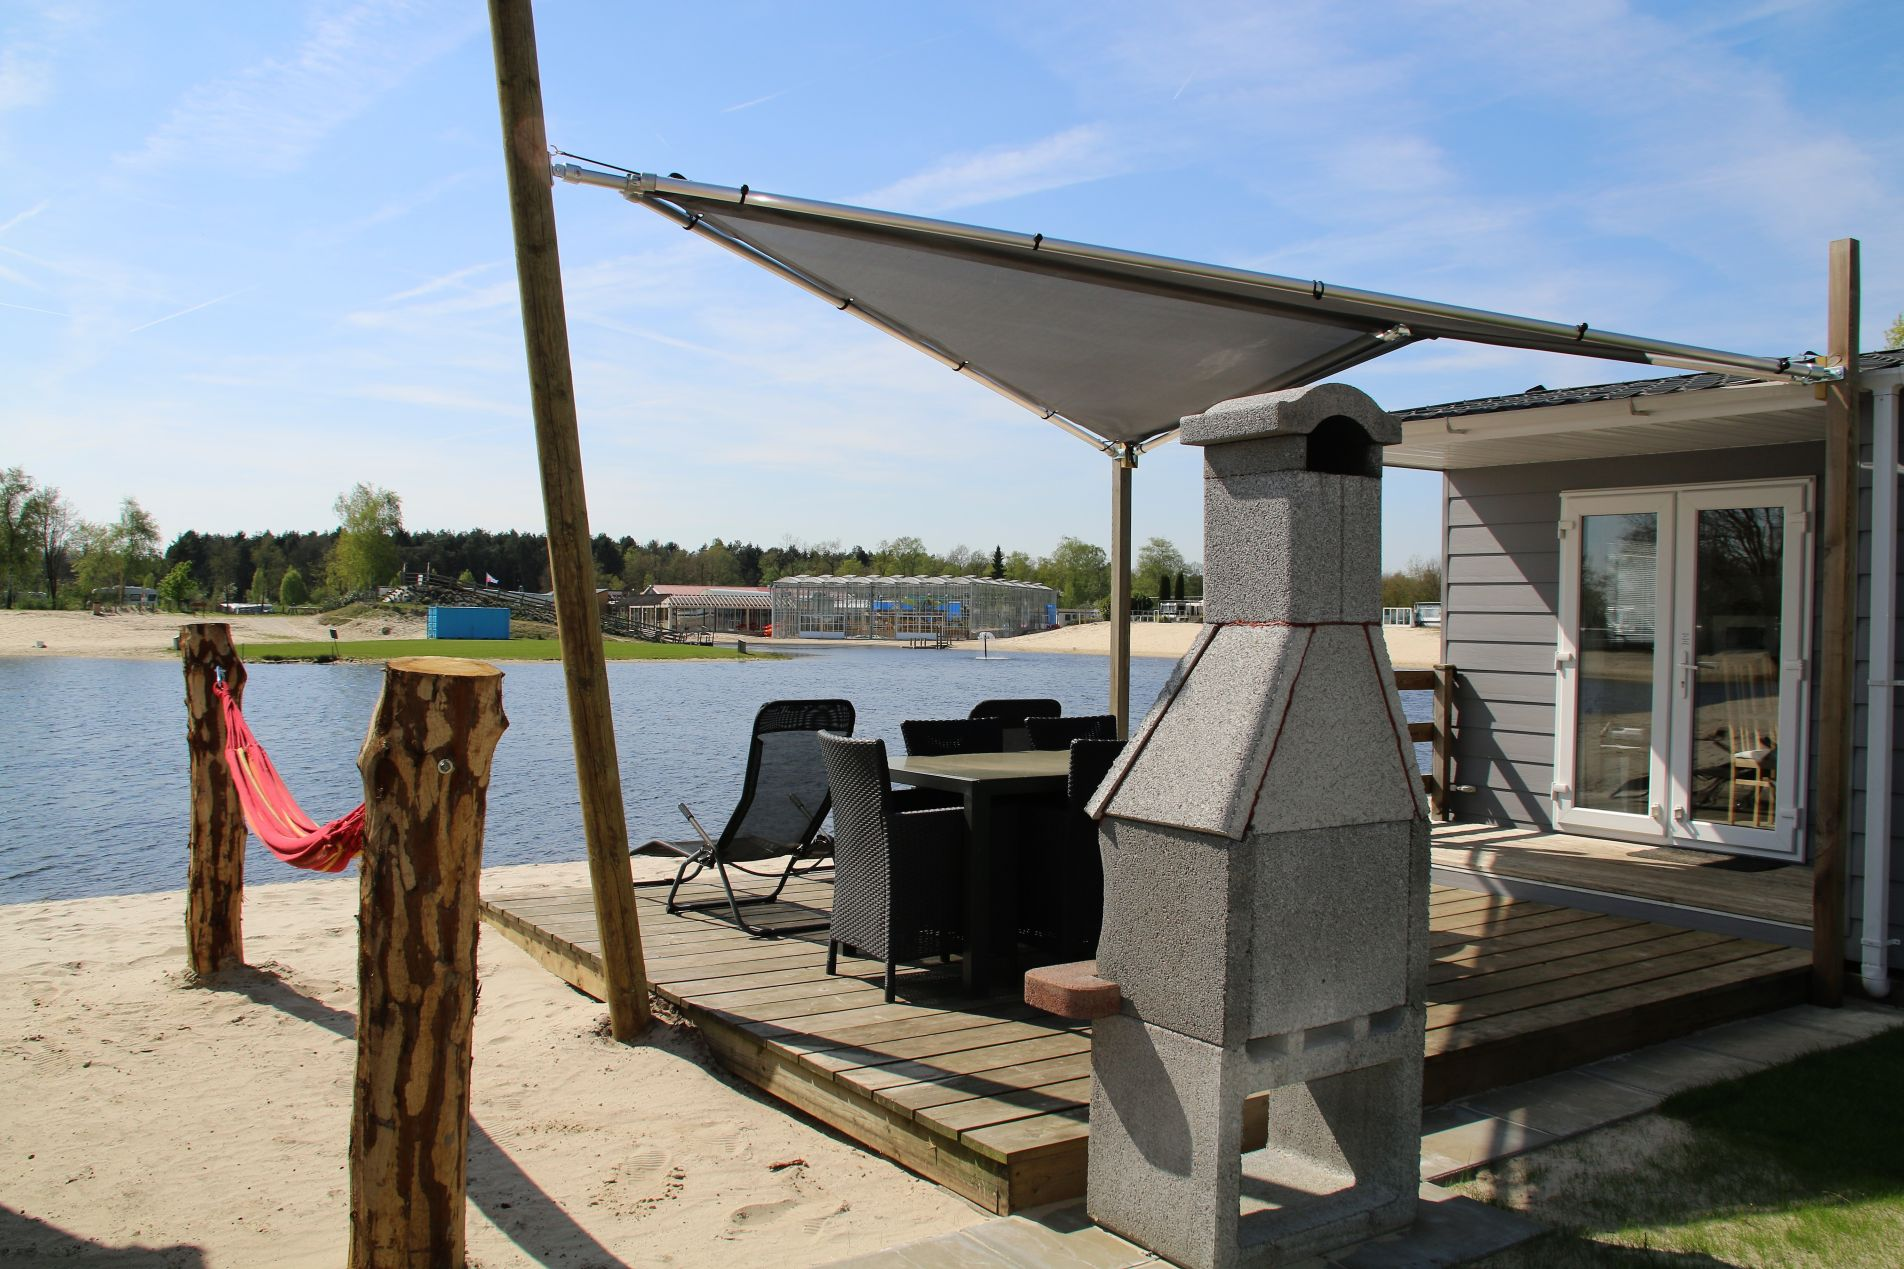 Herfstvakantie kamperen met overdekte voorzieningen - In de herfstvakantie kamperenIn de herfstvakantie kamperen